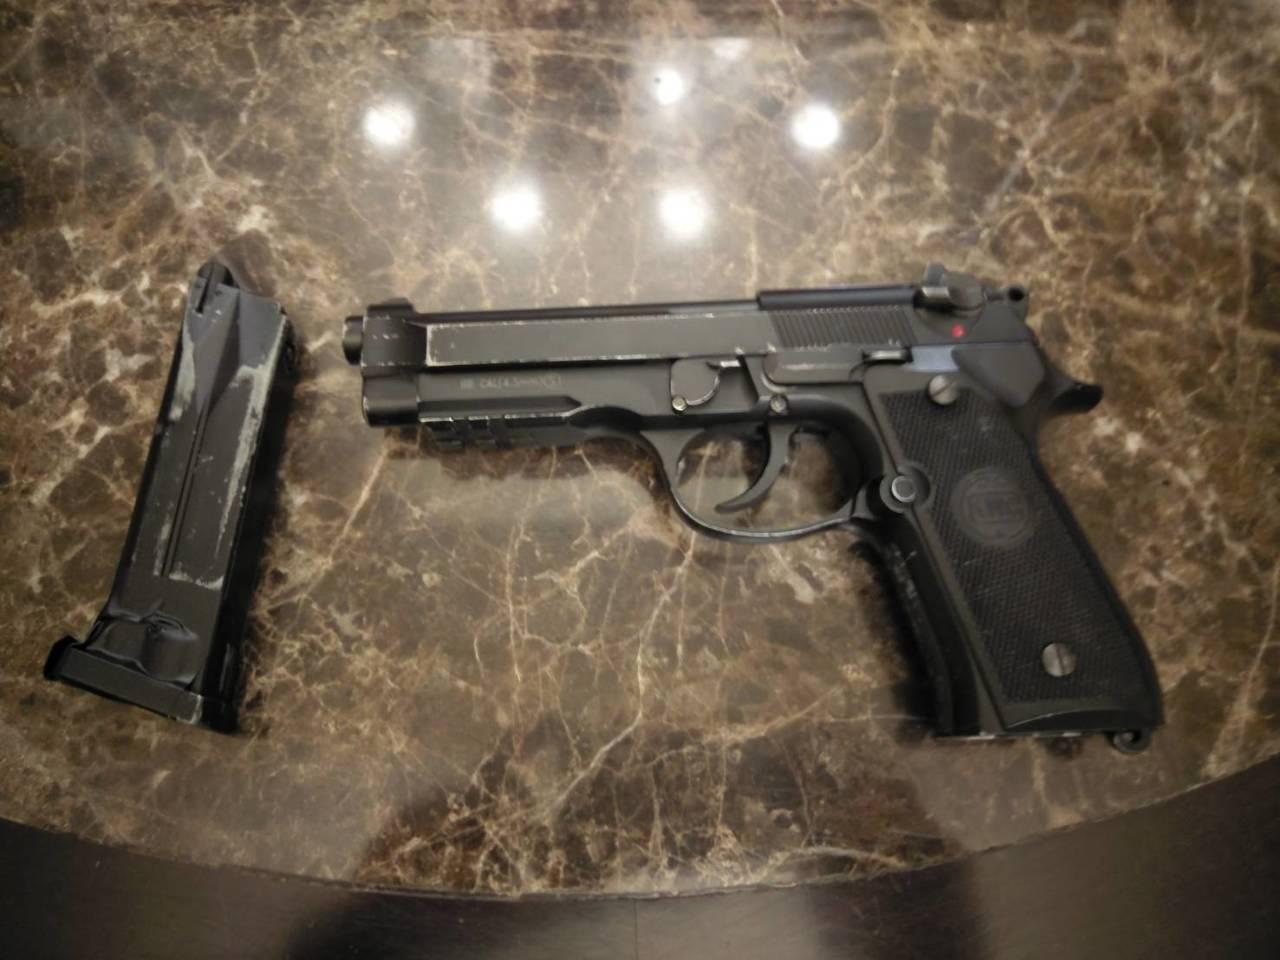 警方於蘆竹區起獲犯案空氣槍1把。記者高宇震/翻攝